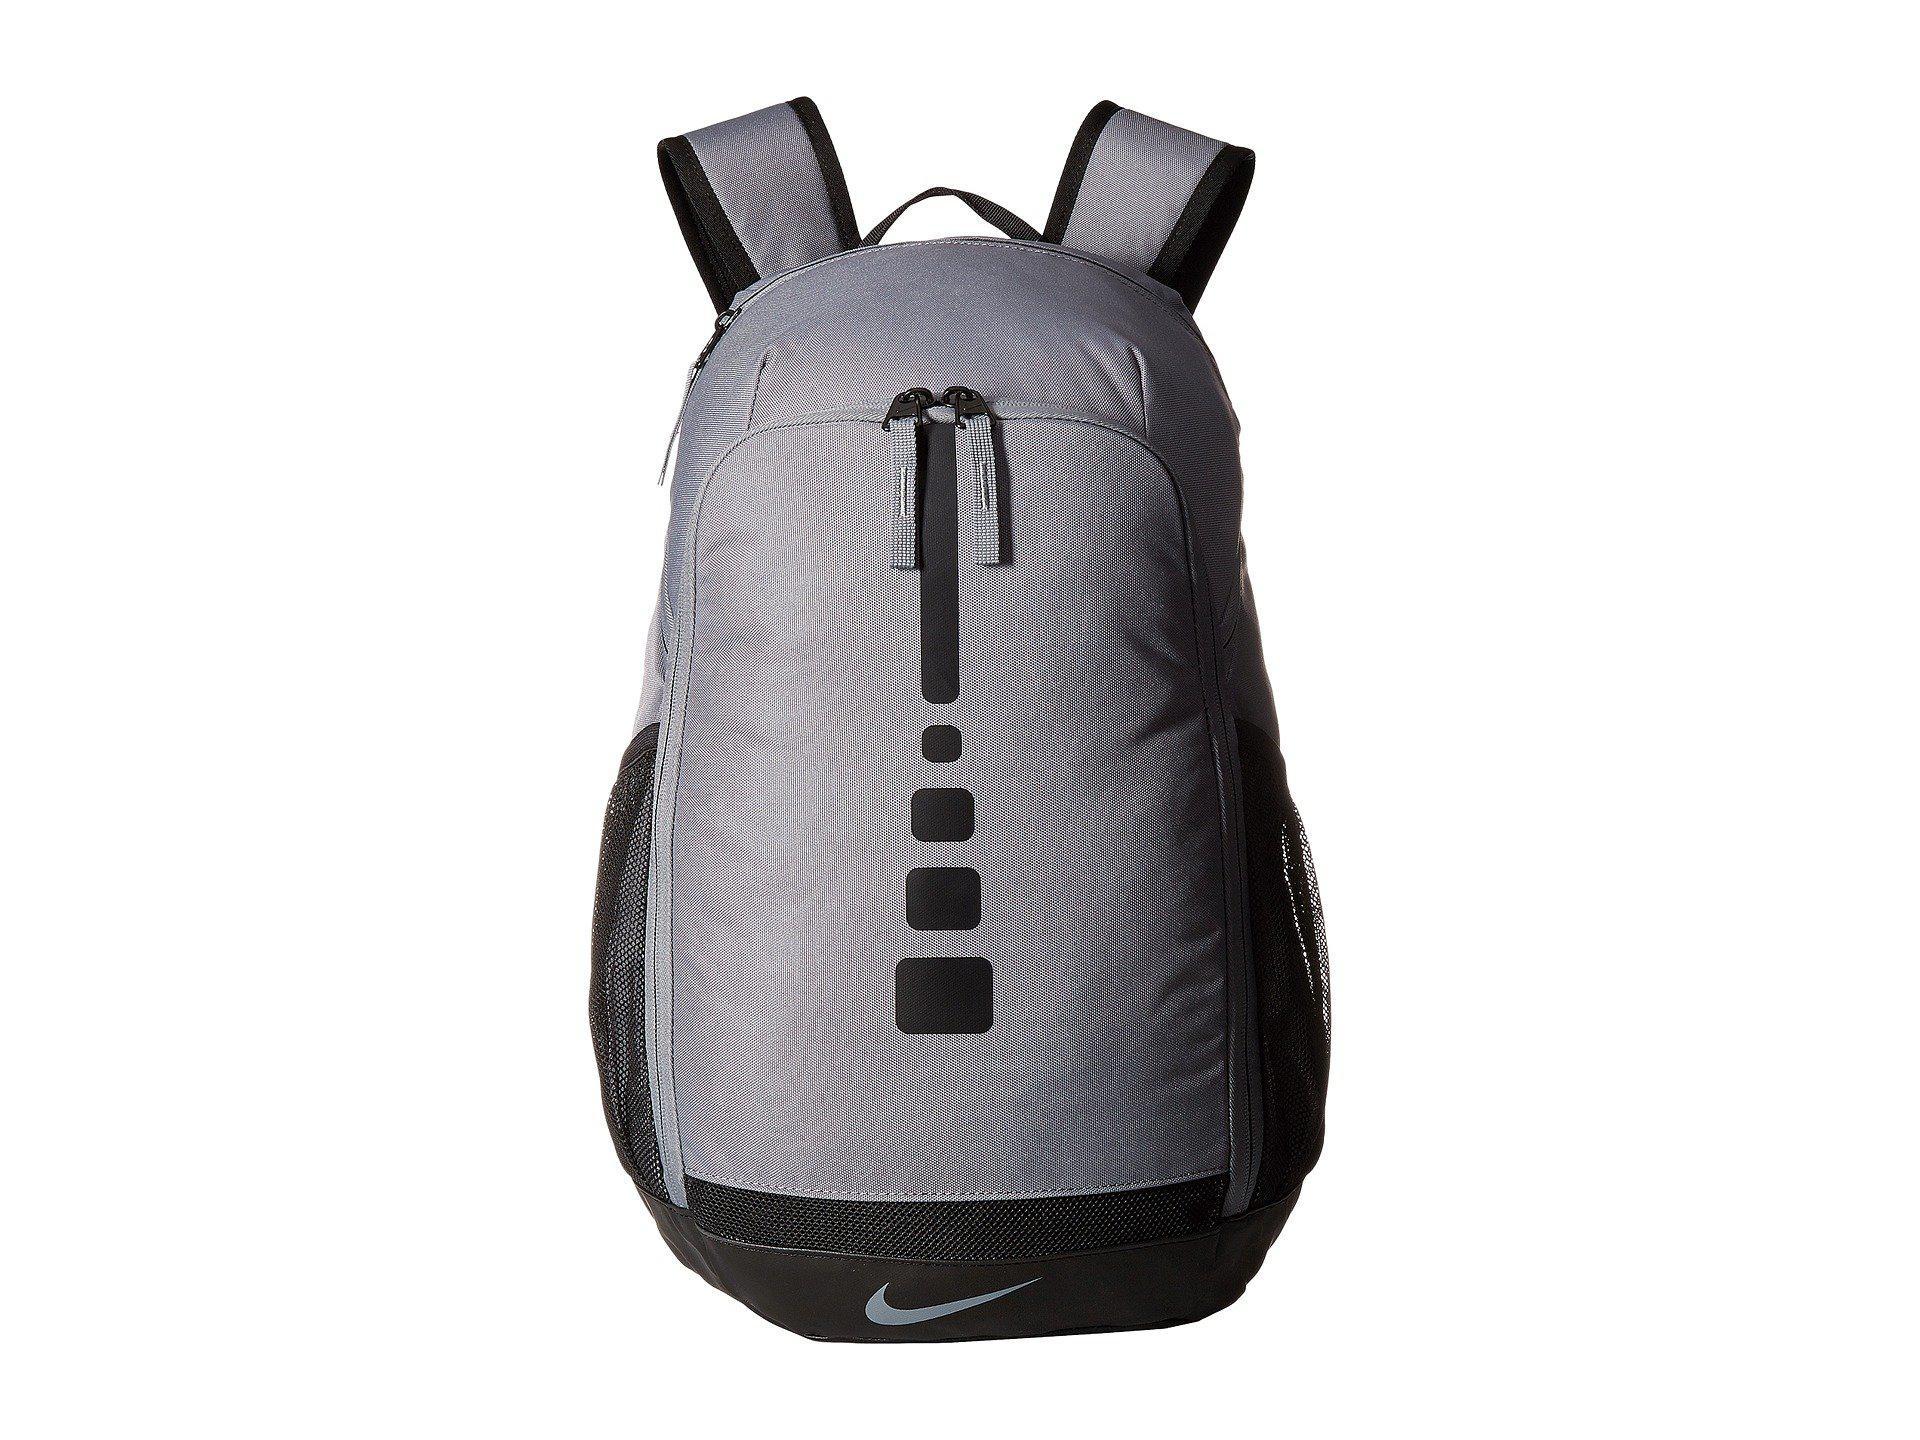 d7d9e79e Nike Hoops Elite Varsity Basketball Backpack Black | Building ...